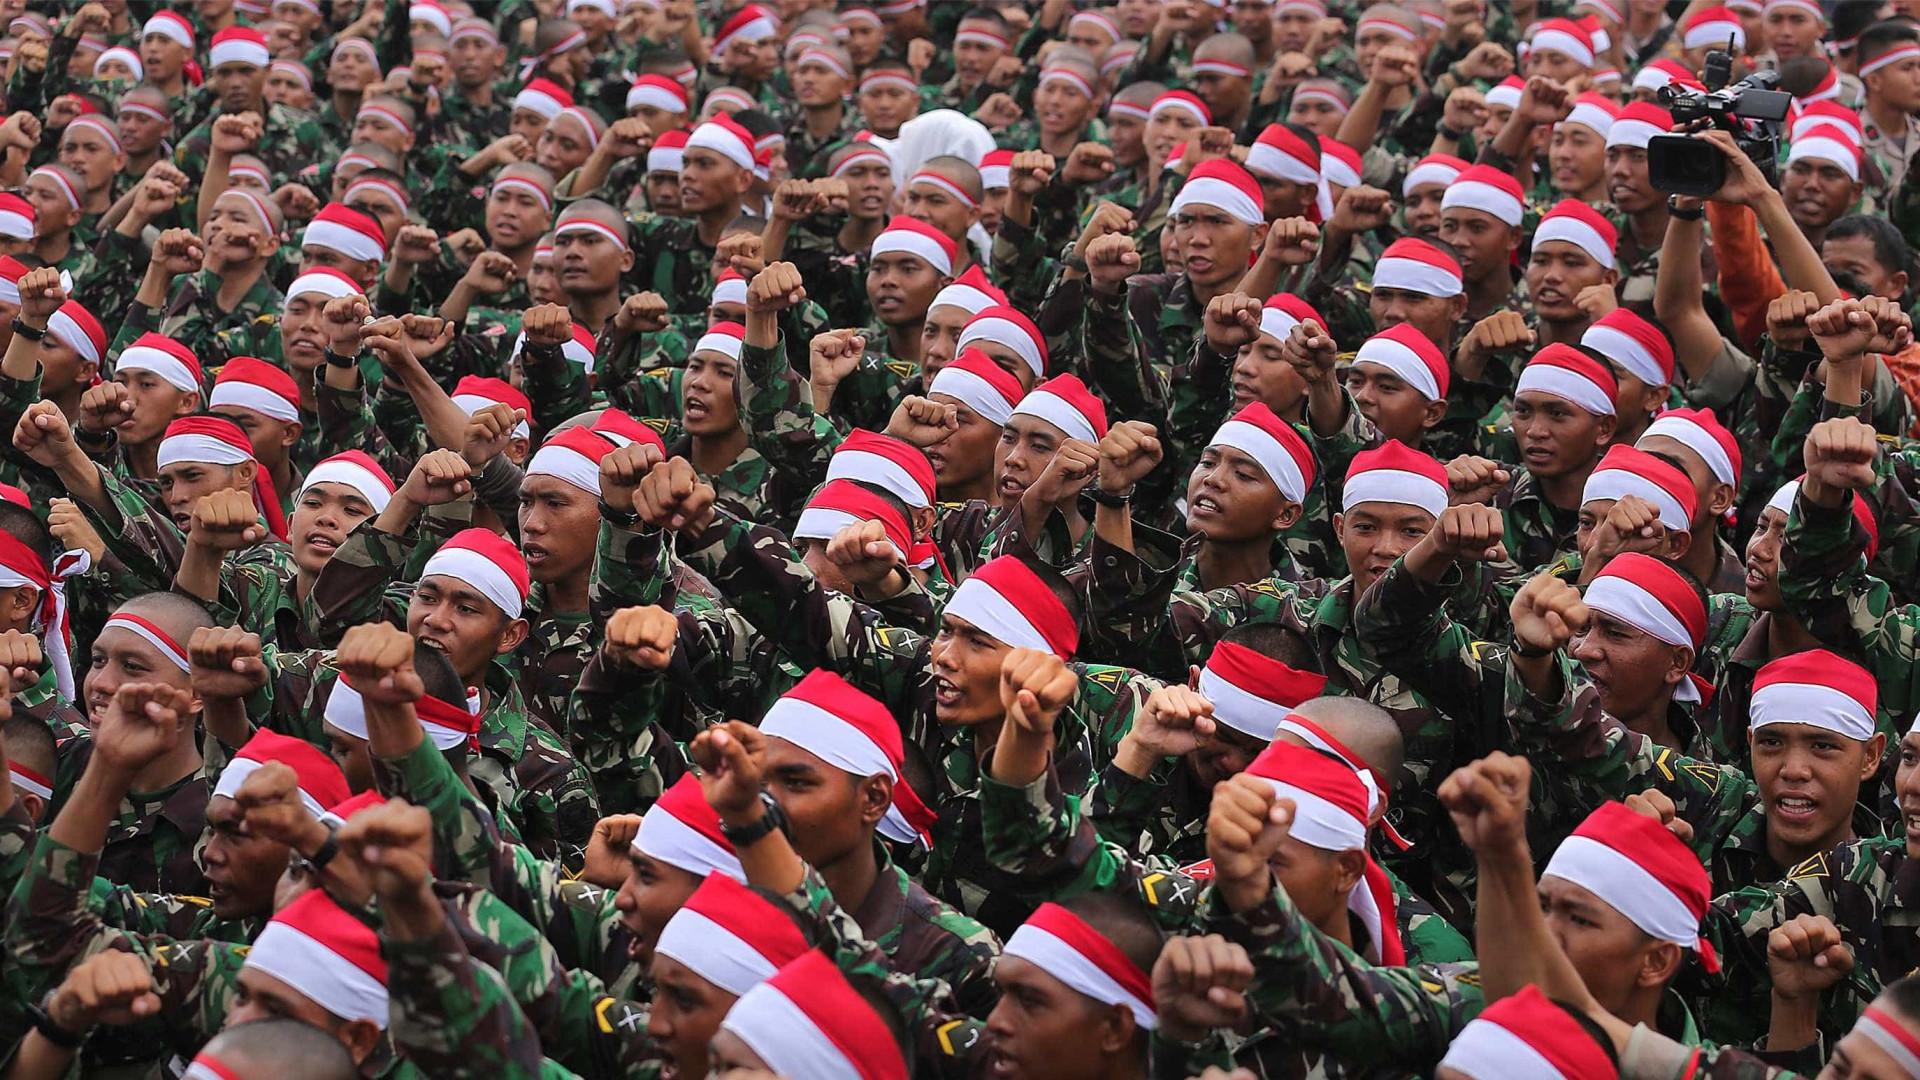 Milhares de soldados e polícias indonésios manifestam-se pela unidade